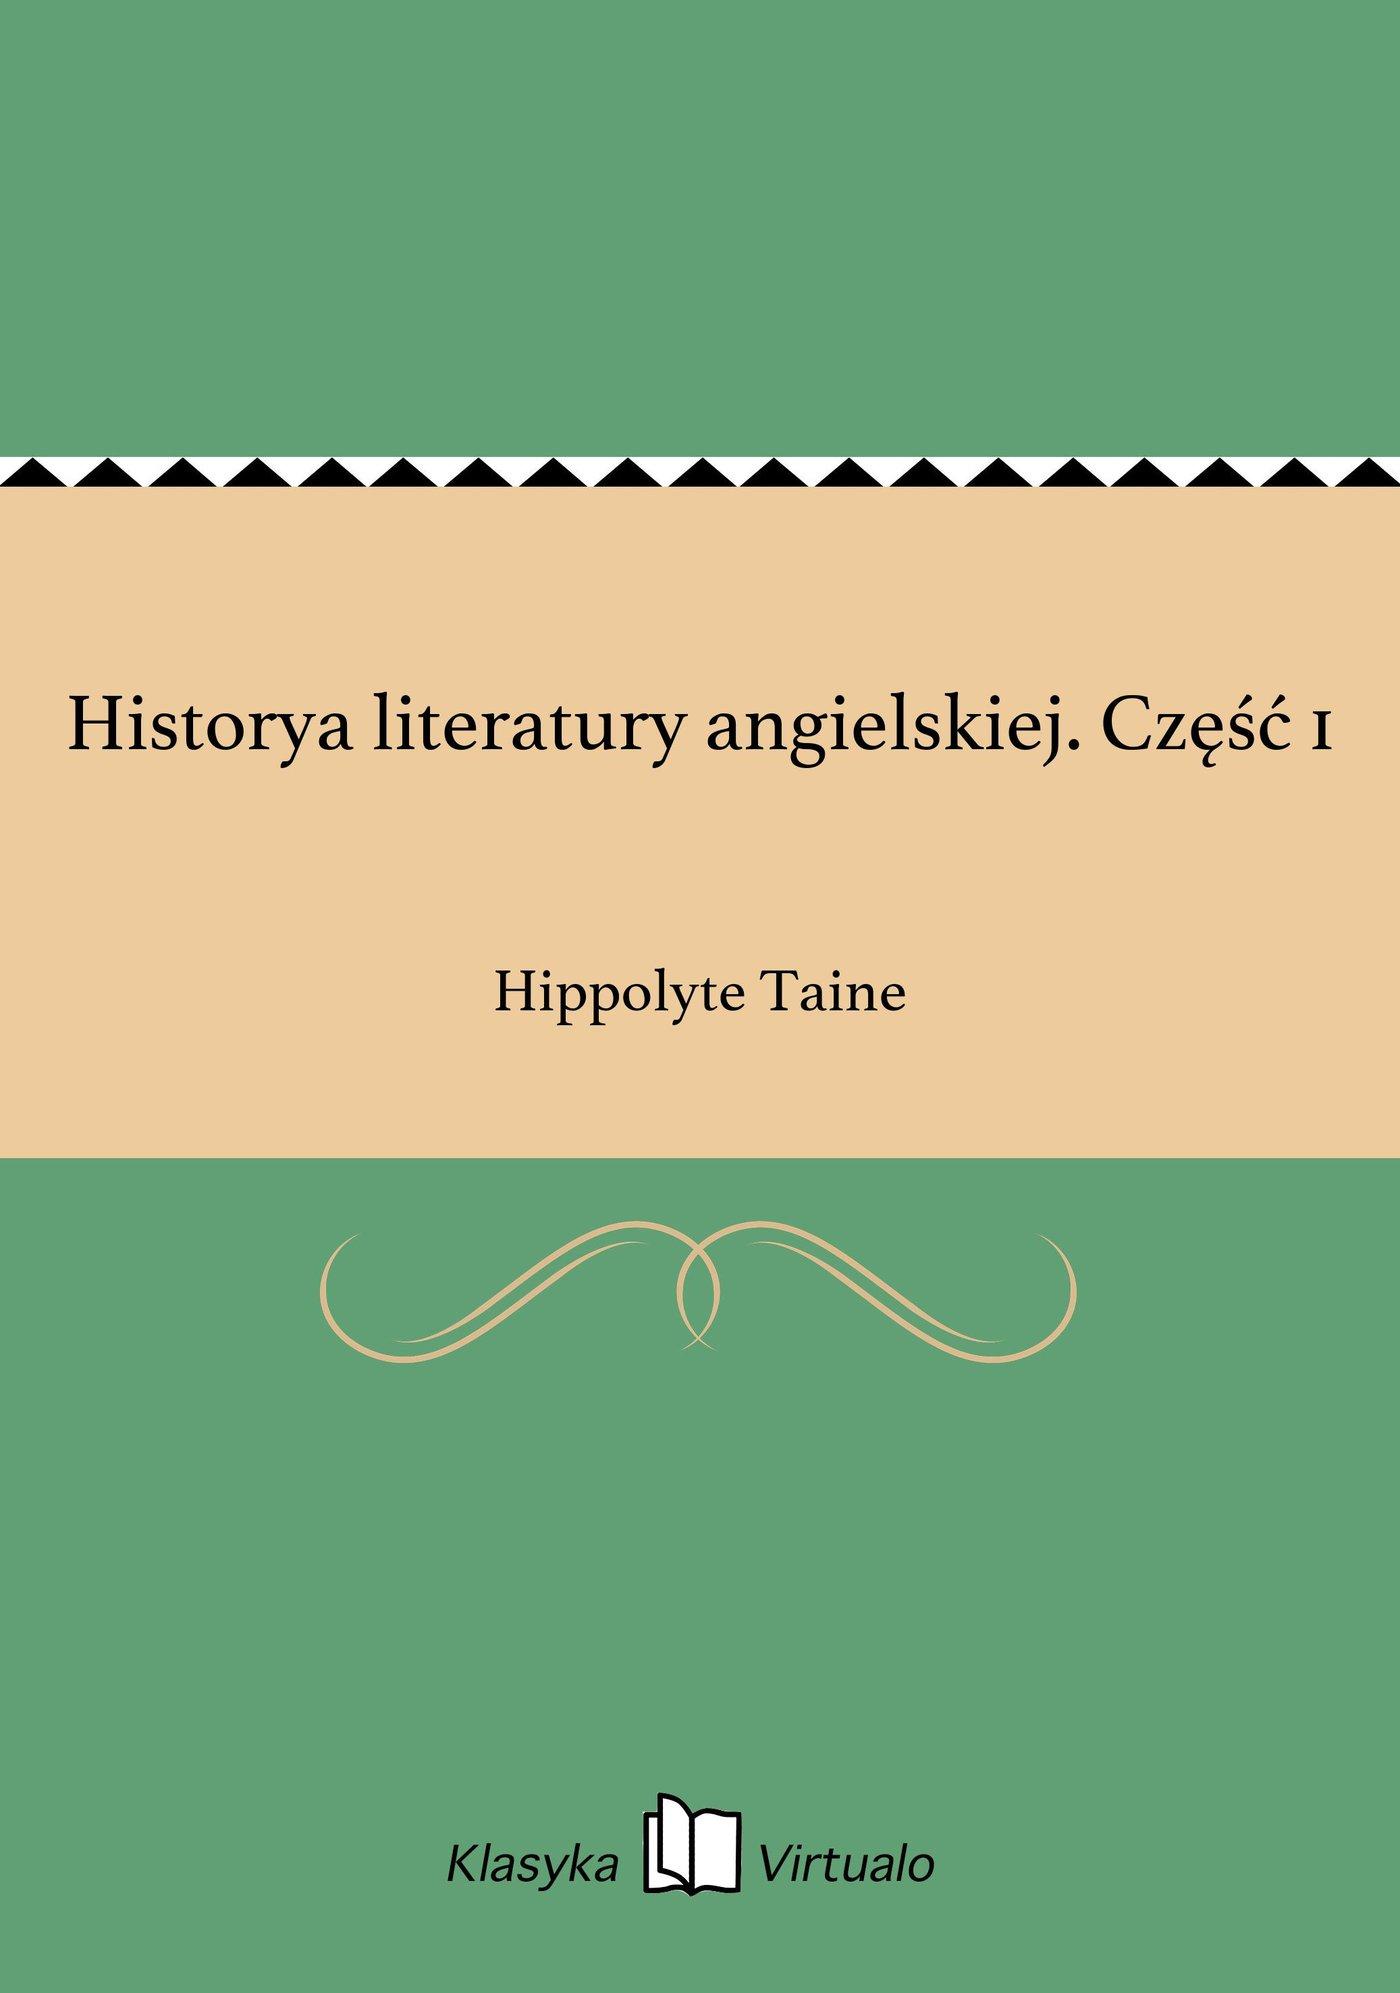 Historya literatury angielskiej. Część 1 - Ebook (Książka EPUB) do pobrania w formacie EPUB